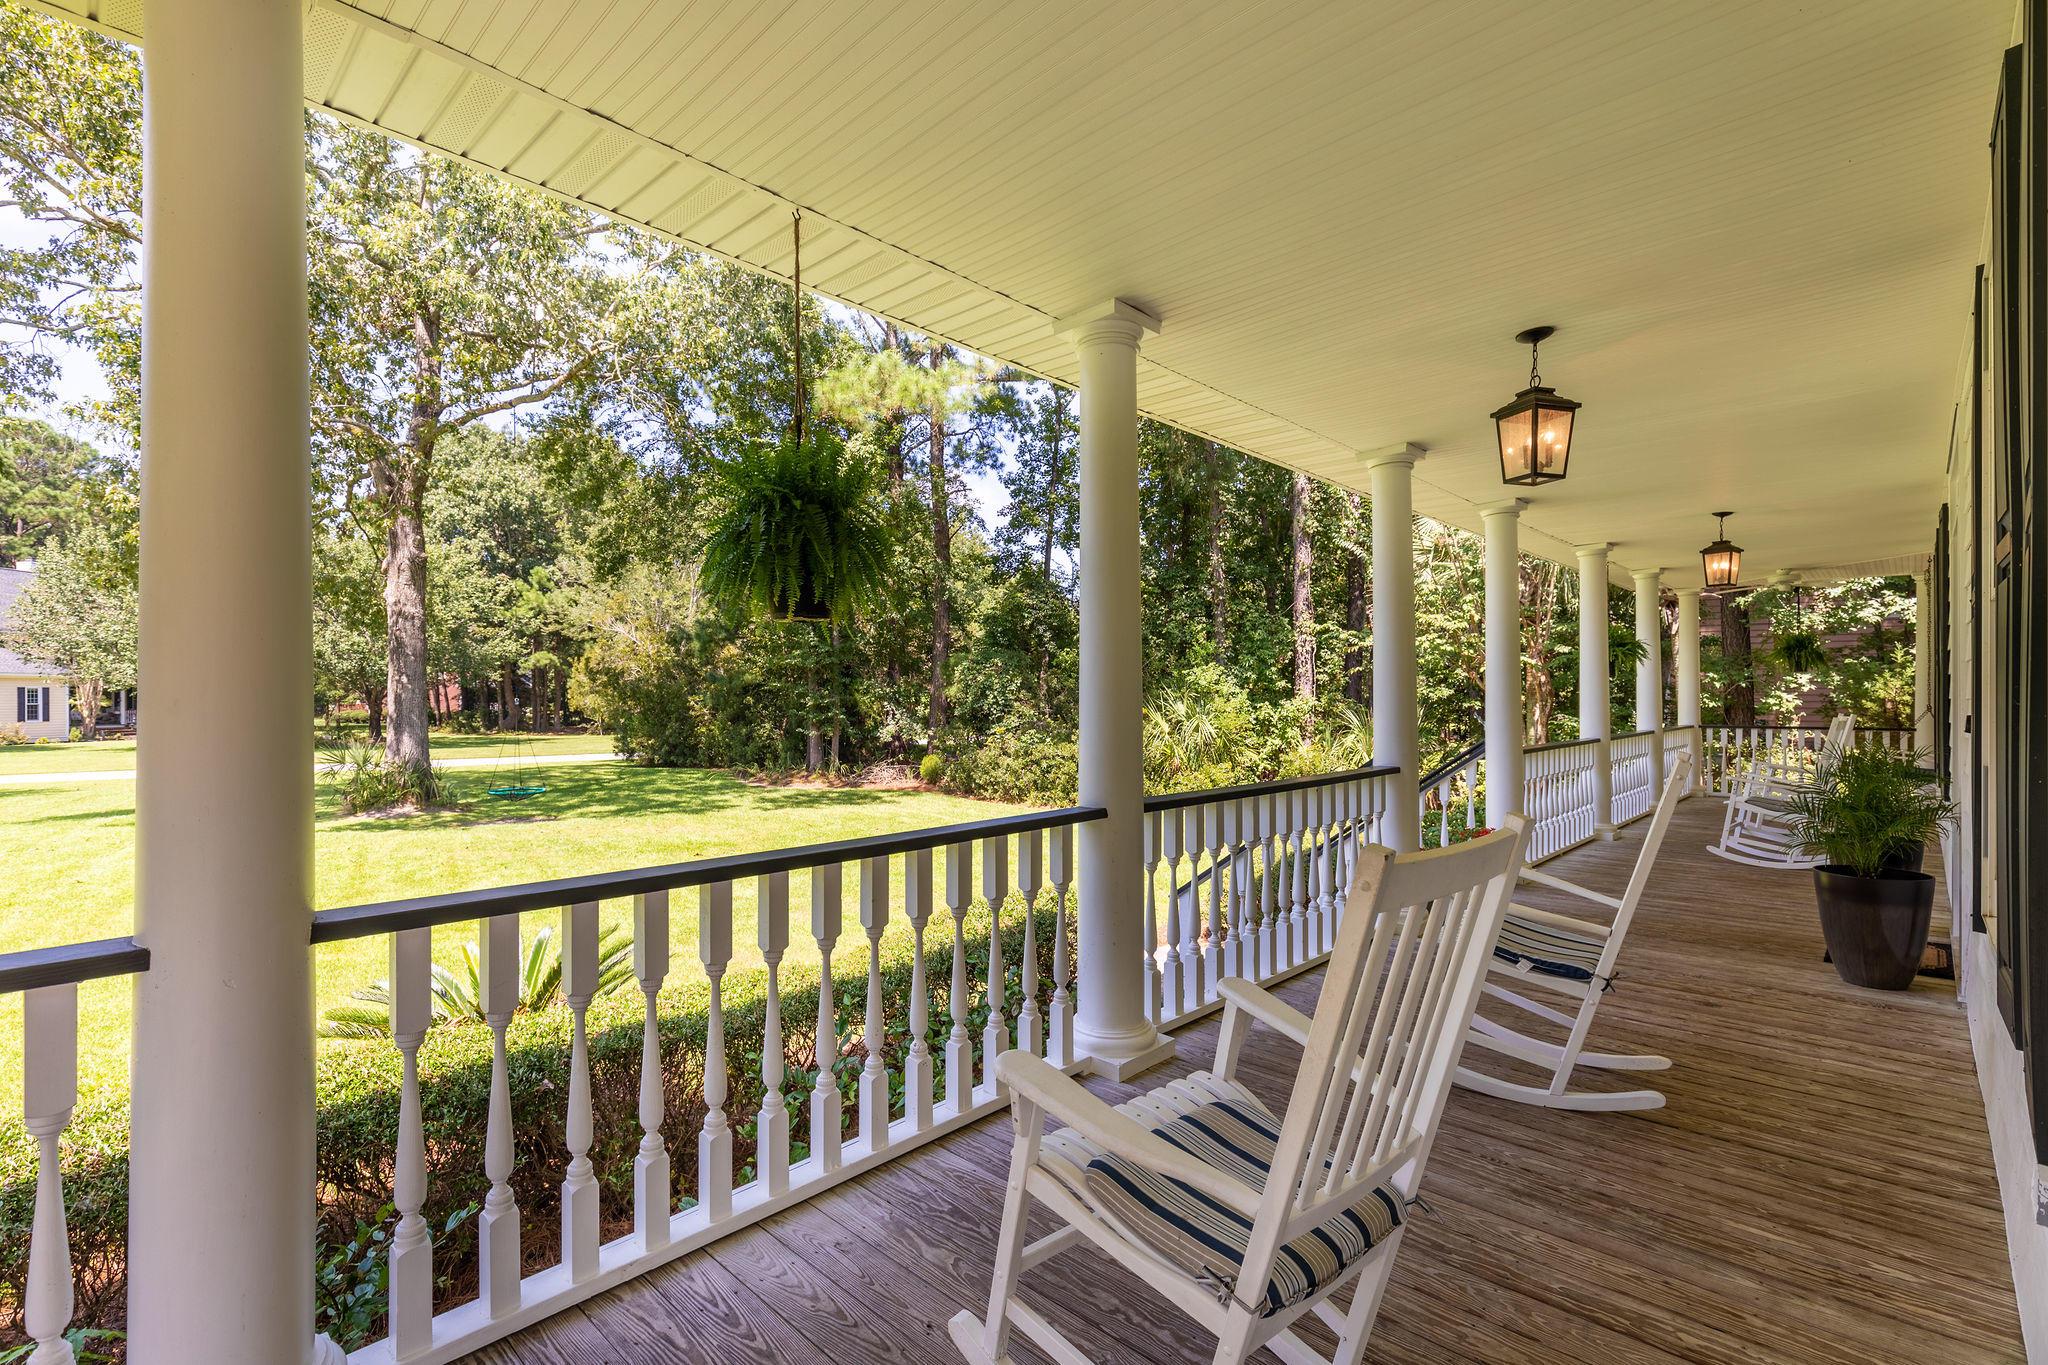 Dunes West Homes For Sale - 3201 Cottonfield, Mount Pleasant, SC - 0